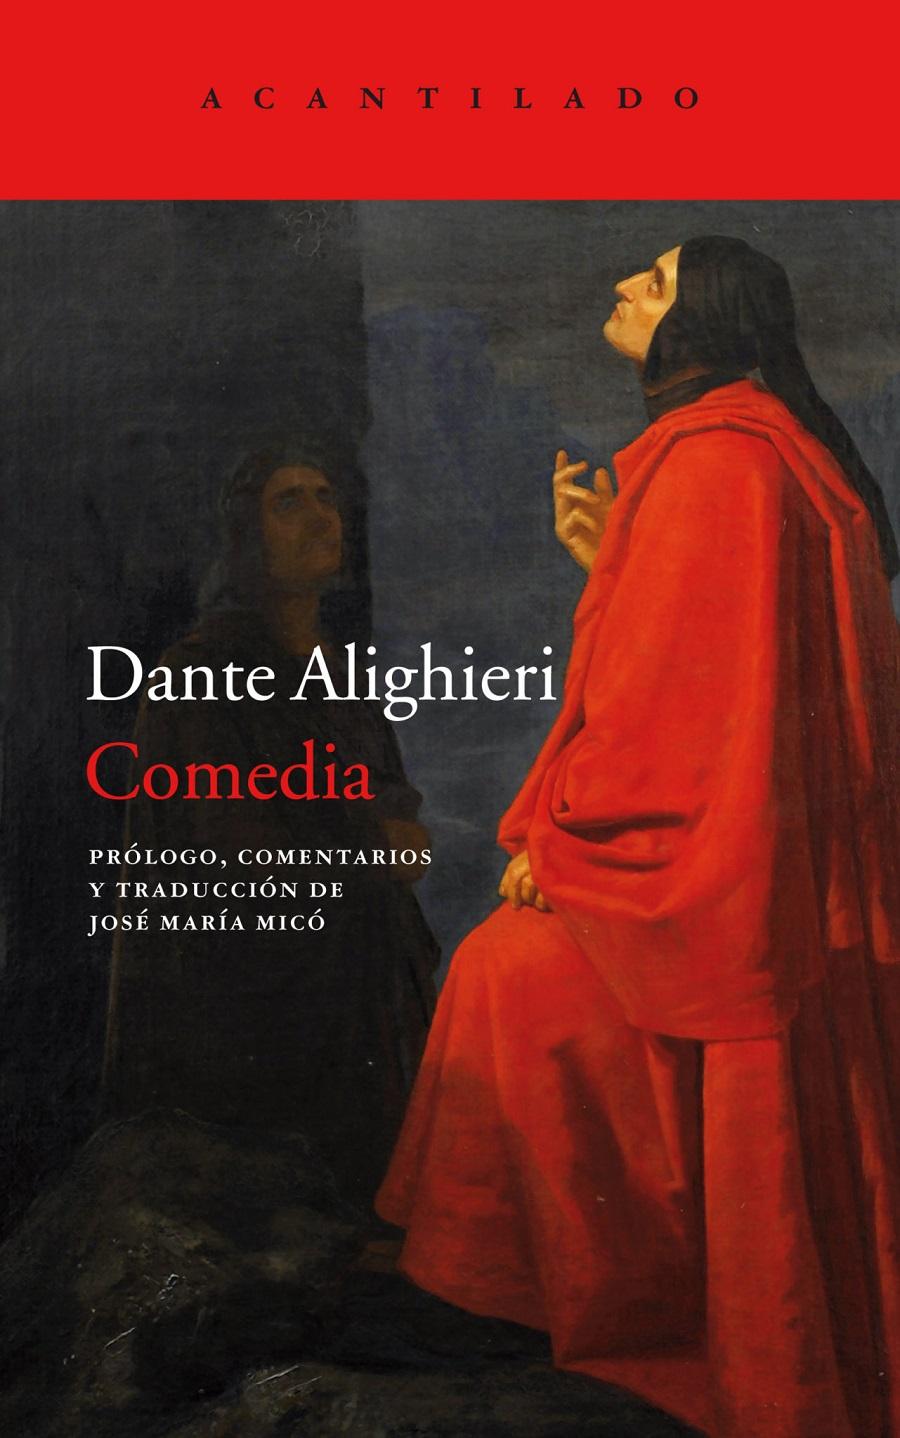 COMEDIA Dante cubierta